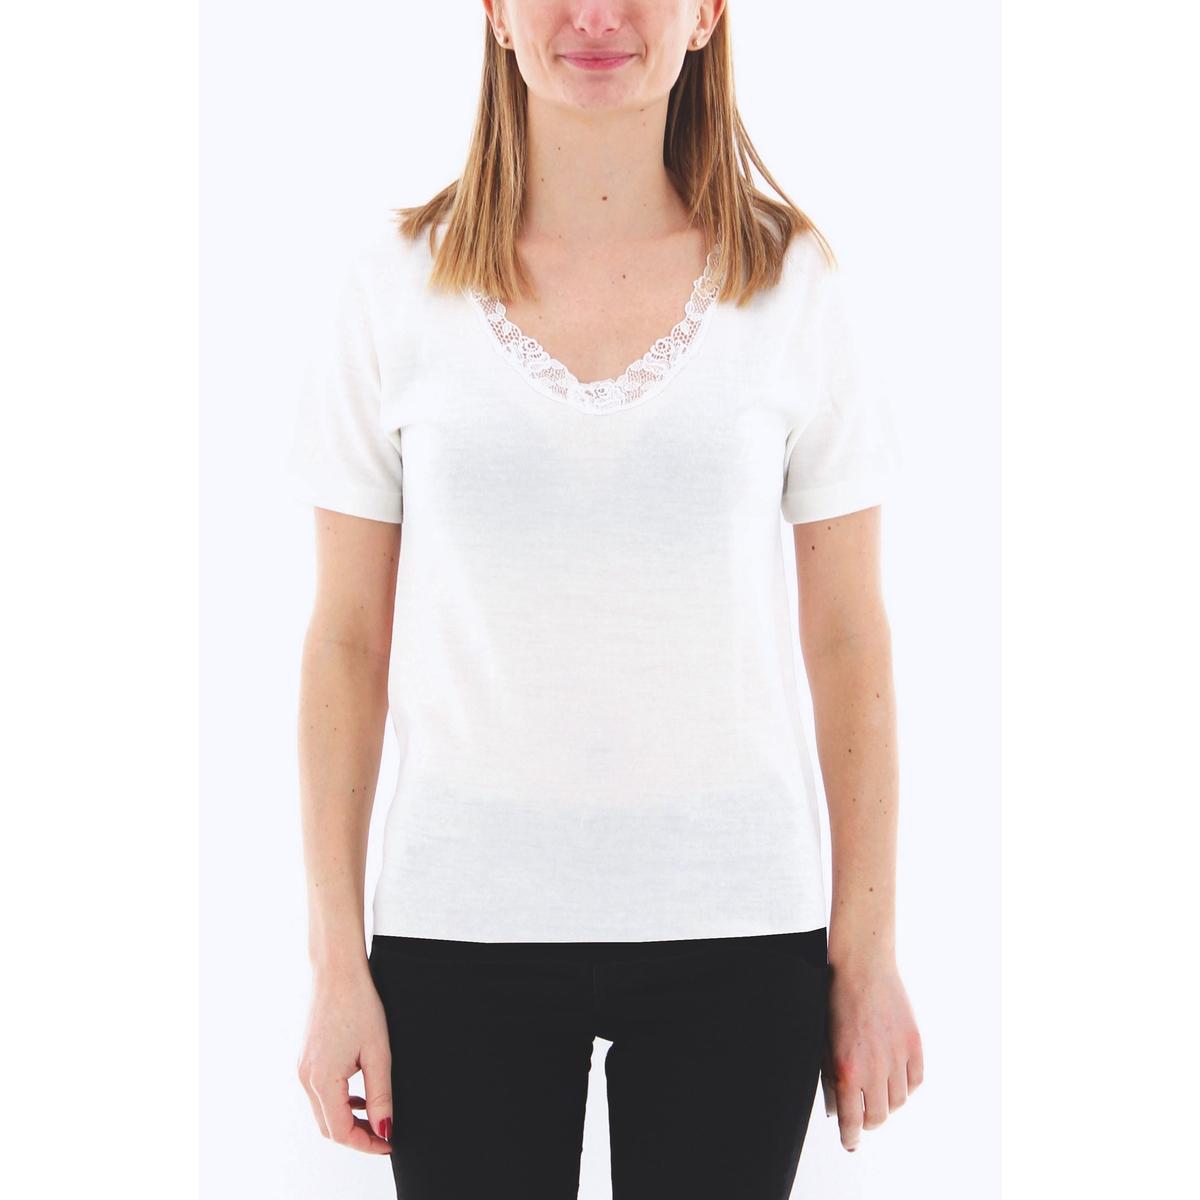 zeroottouno футболка с короткими рукавами Футболка термическая с короткими рукавами